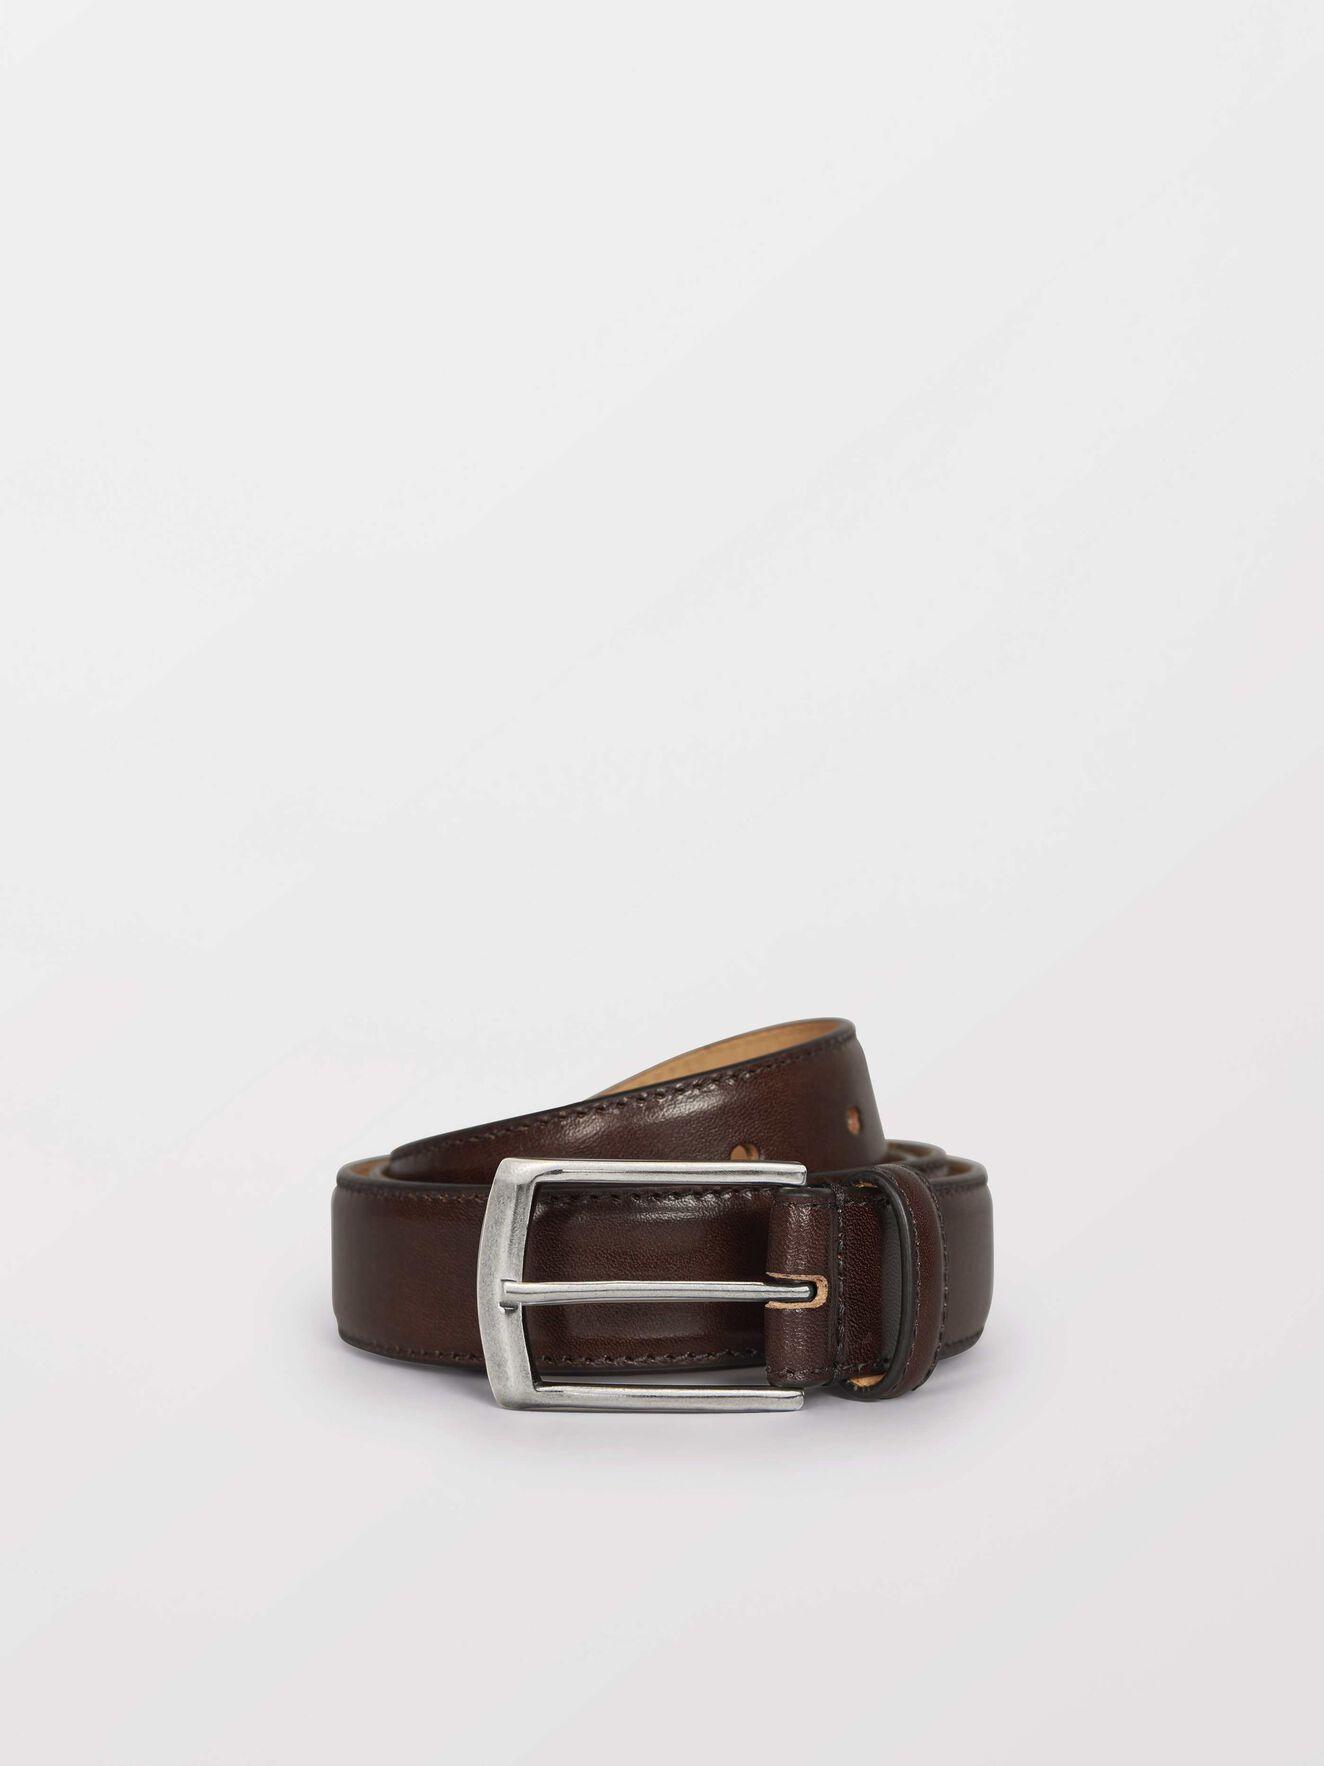 Bannir Belt in Dark Brown from Tiger of Sweden